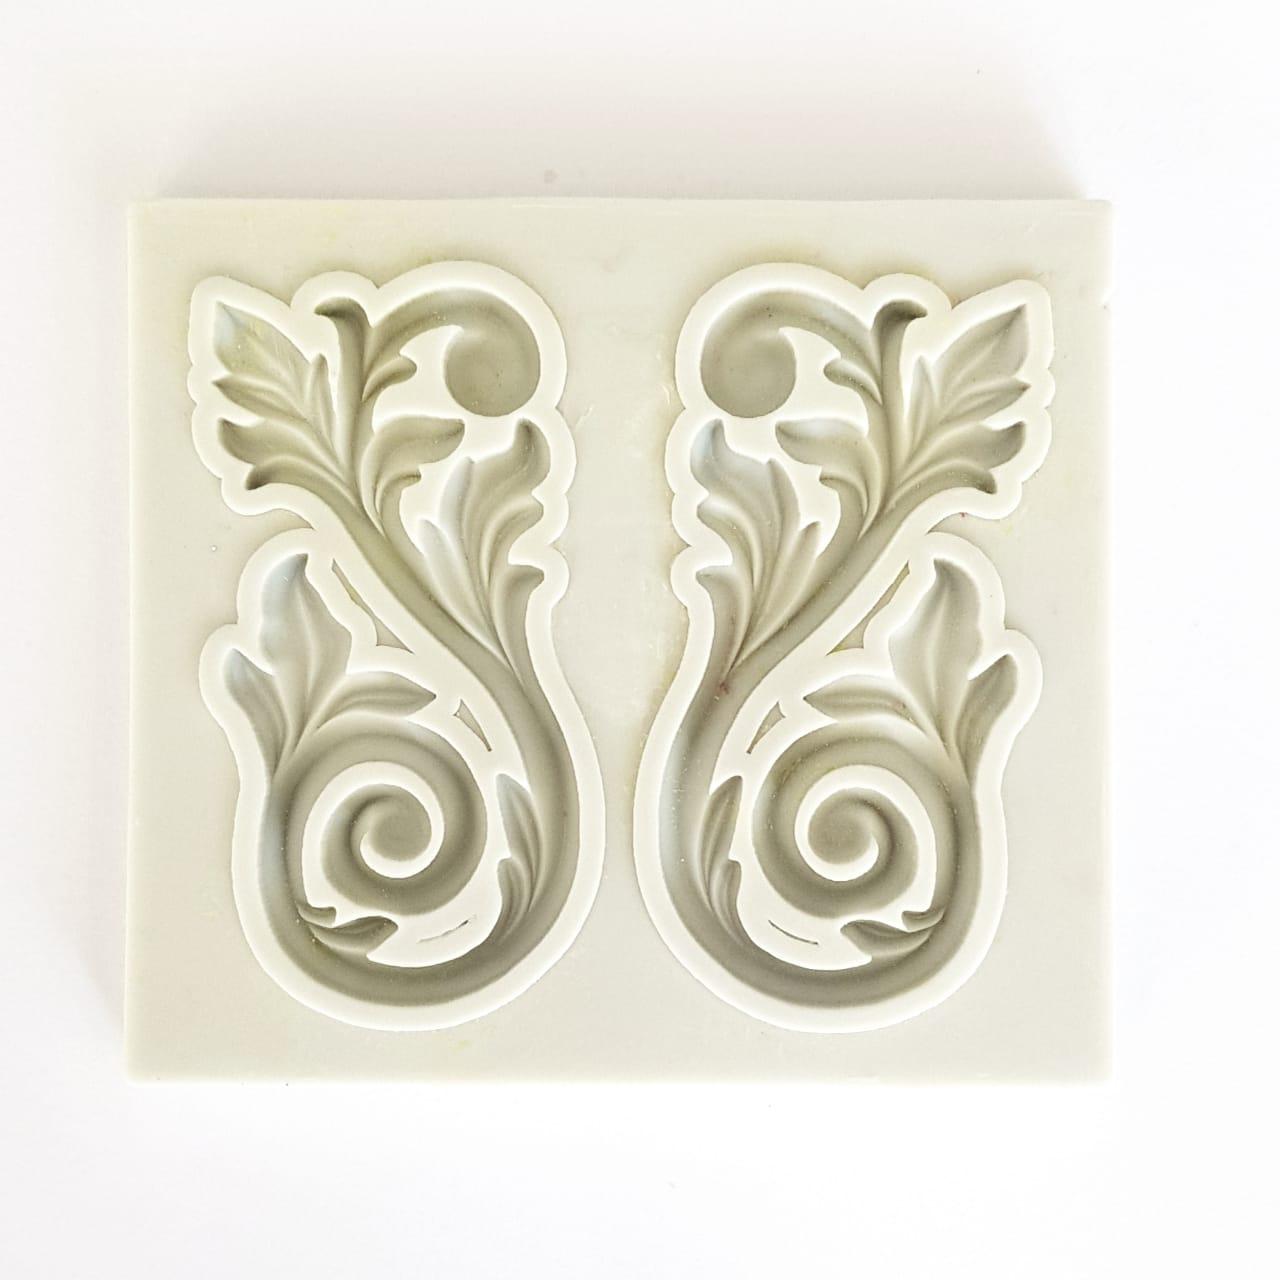 Molde de silicone com formato de arabesco com folhas. Ideal para ser utilizado com pasta americana.